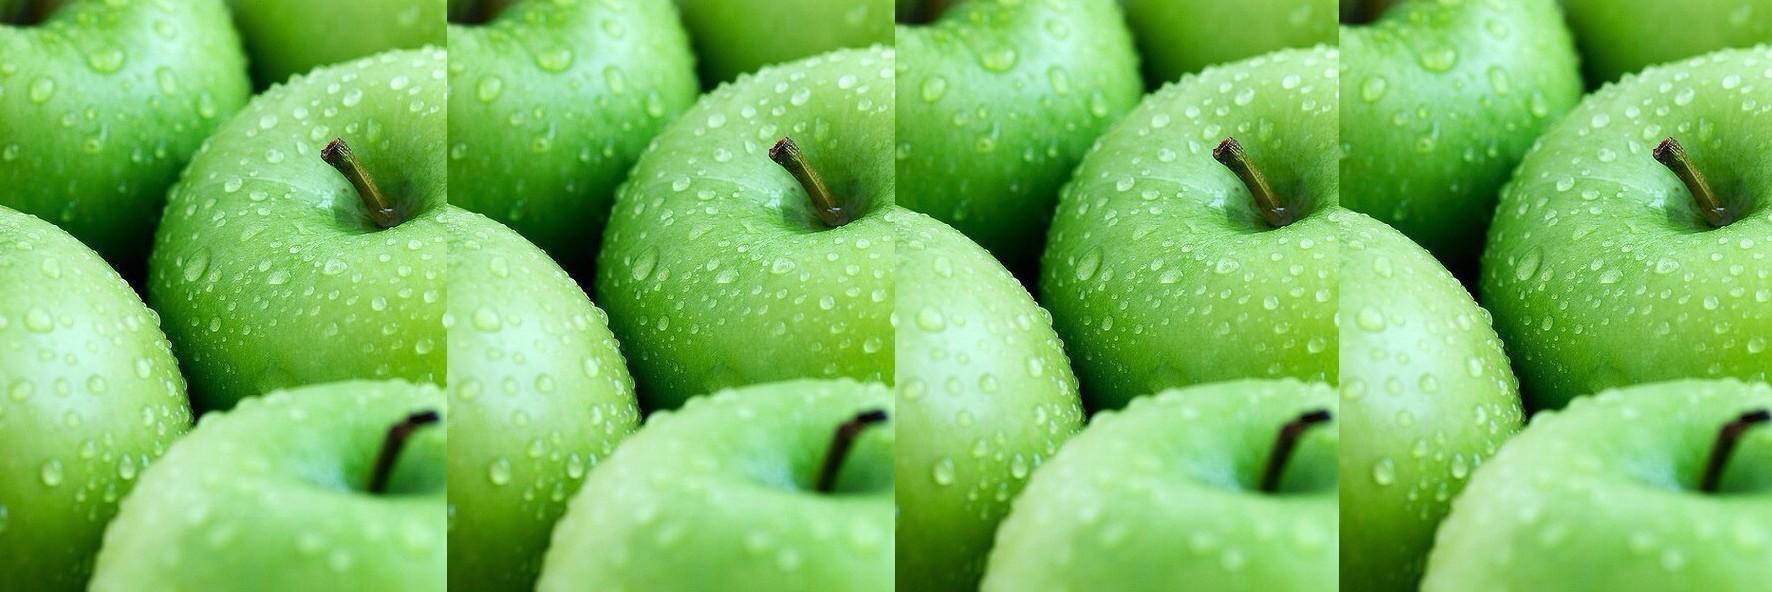 maca_verde